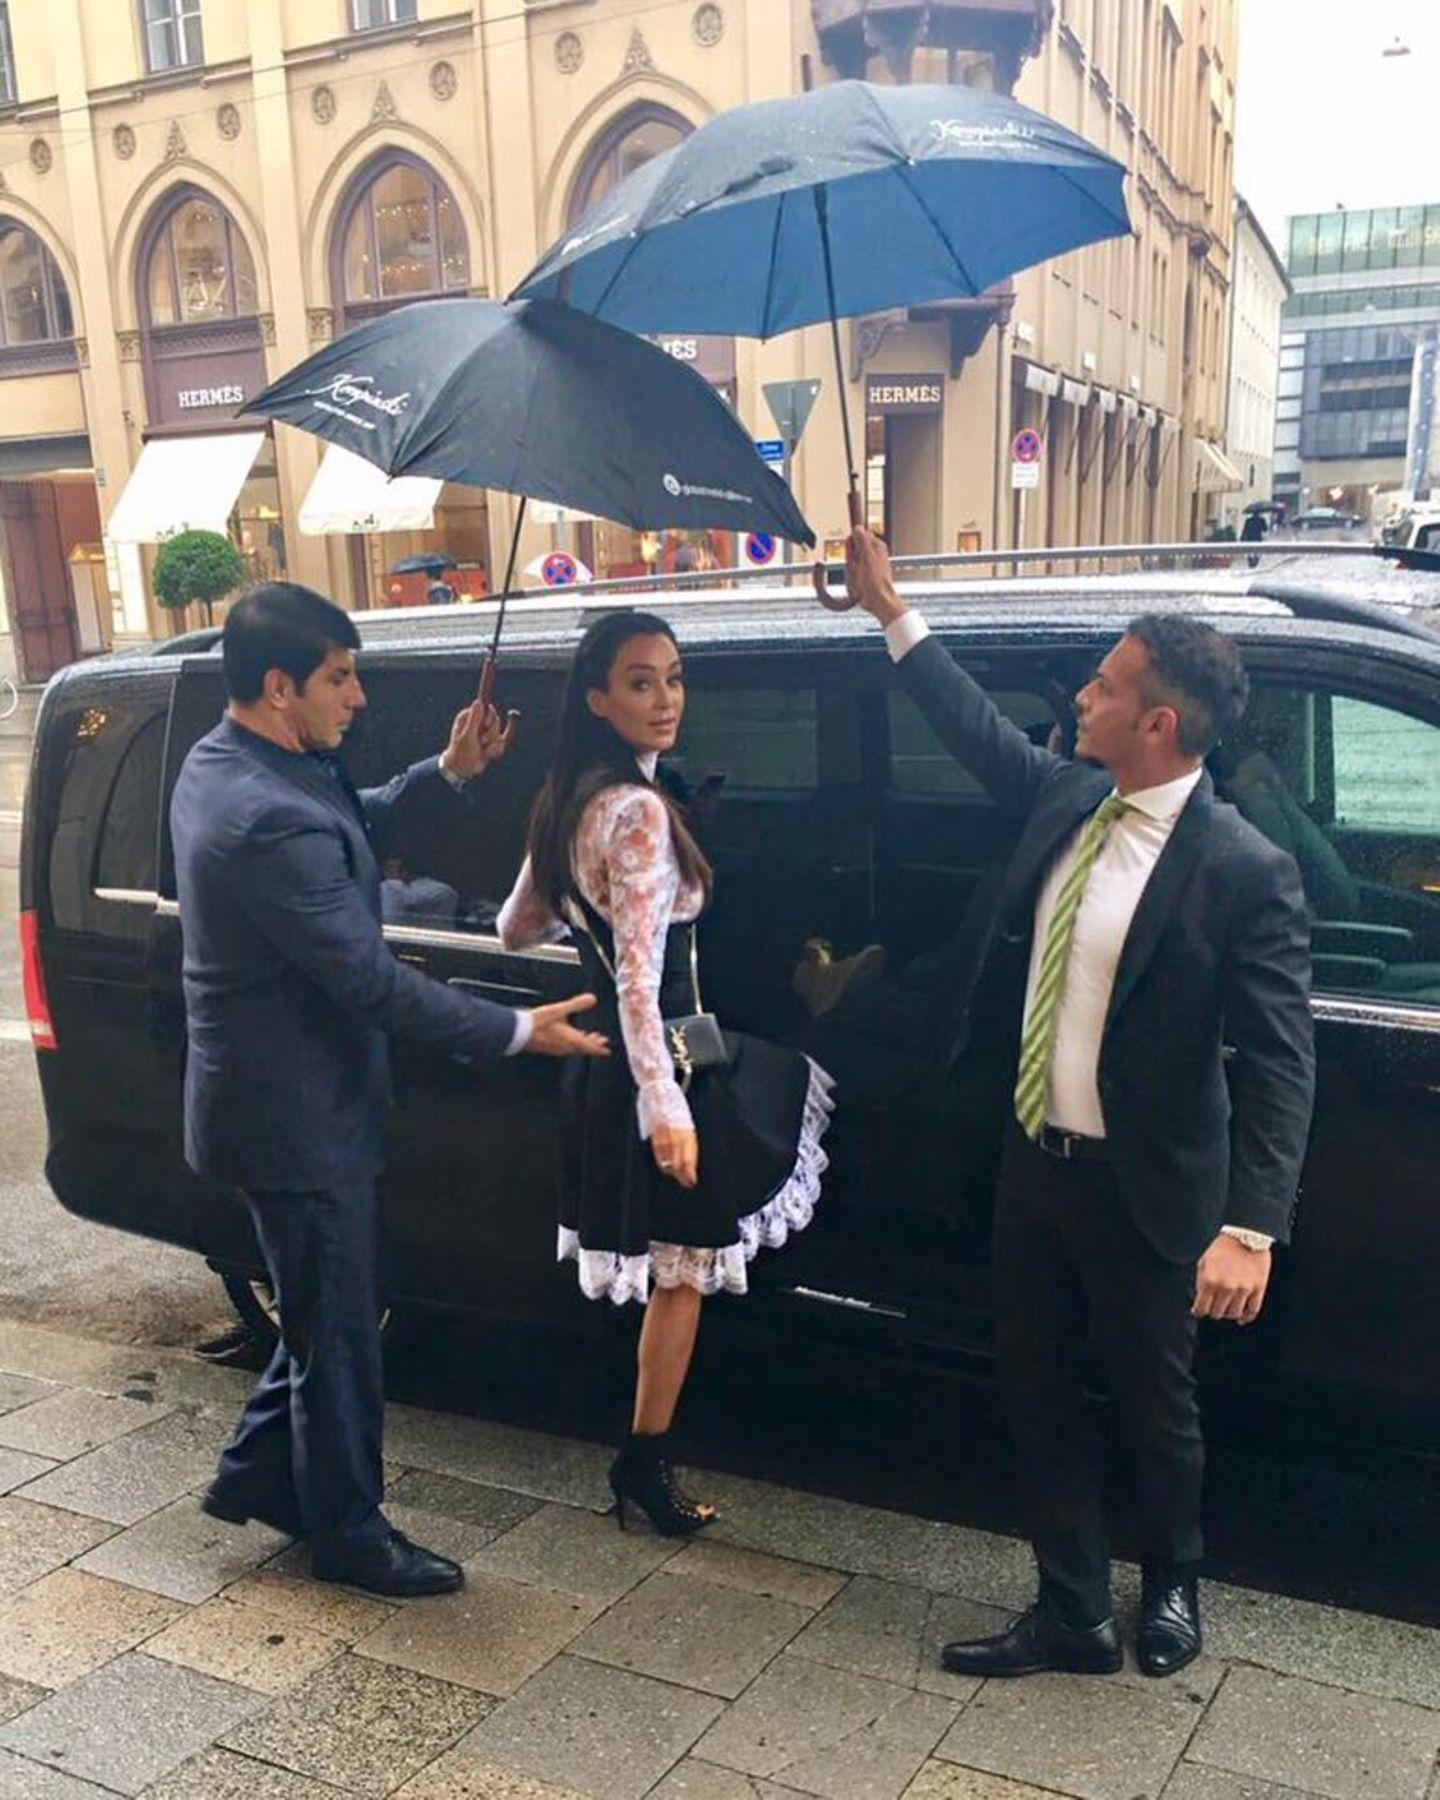 Ob Regen oder Sonnenschein, Bodyguard Ahmad ist für seine Arbeitgeberin Verona Pooth immer zur Stelle.